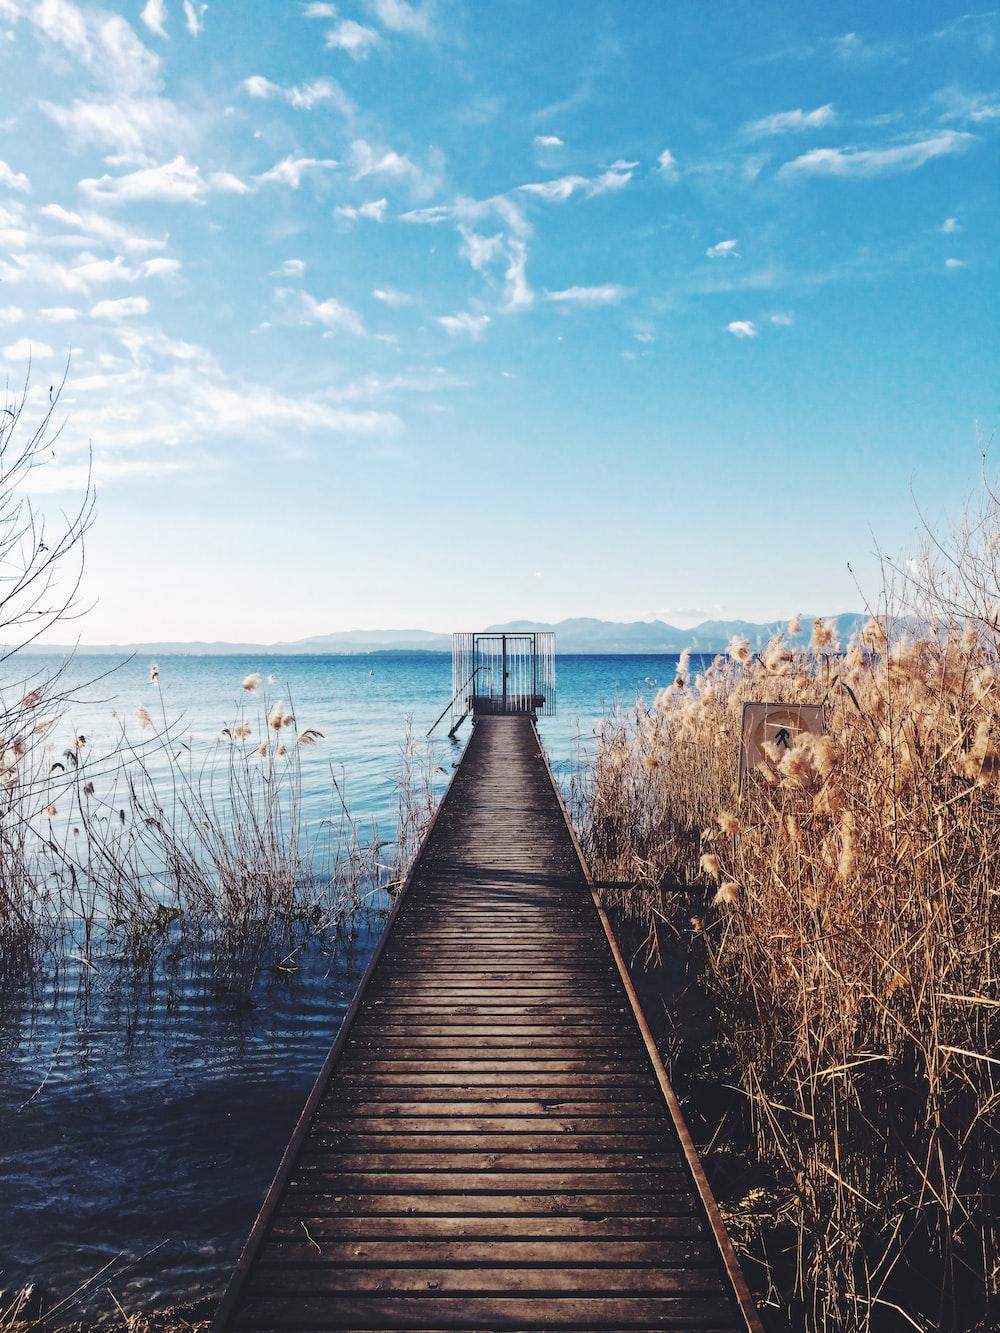 photo of brown wooden boardwalk nearby sea